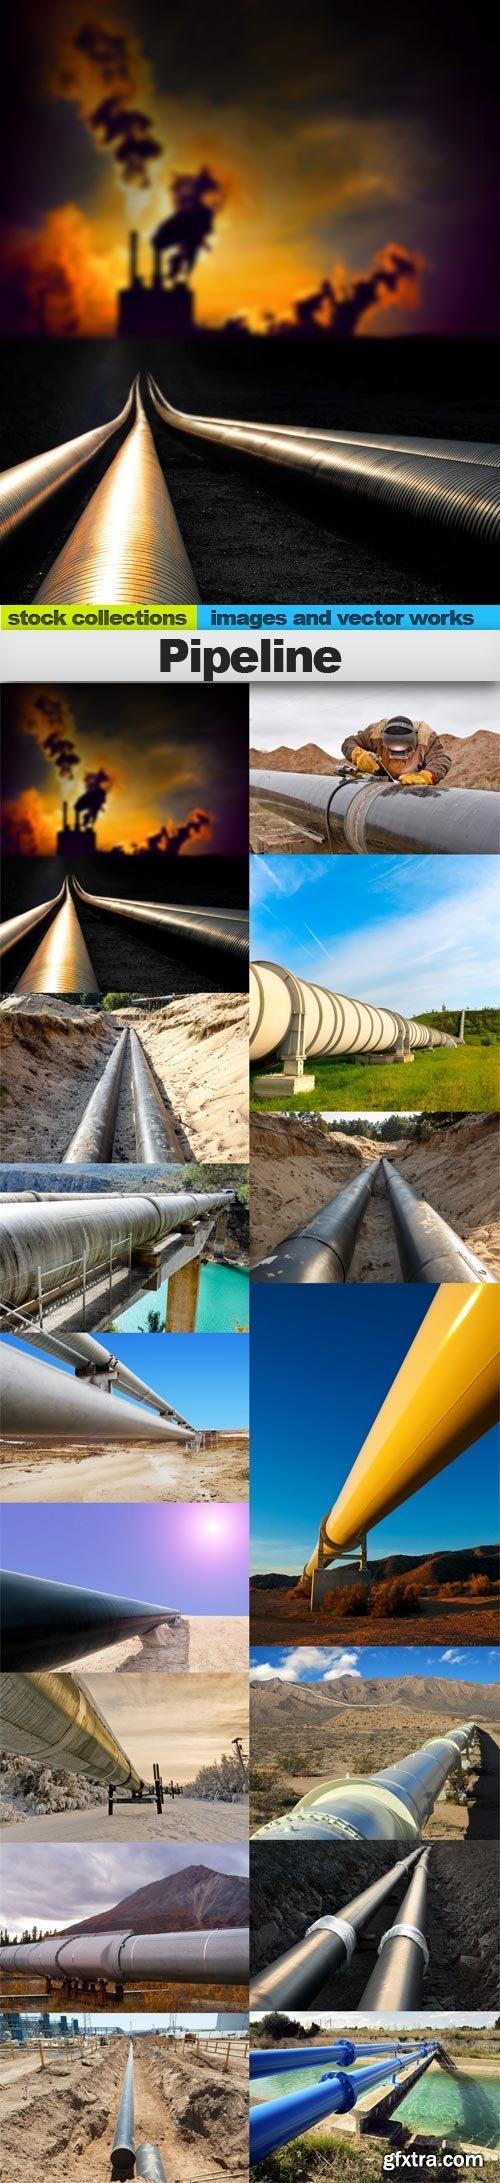 Pipeline, 15 x UHQ JPEG